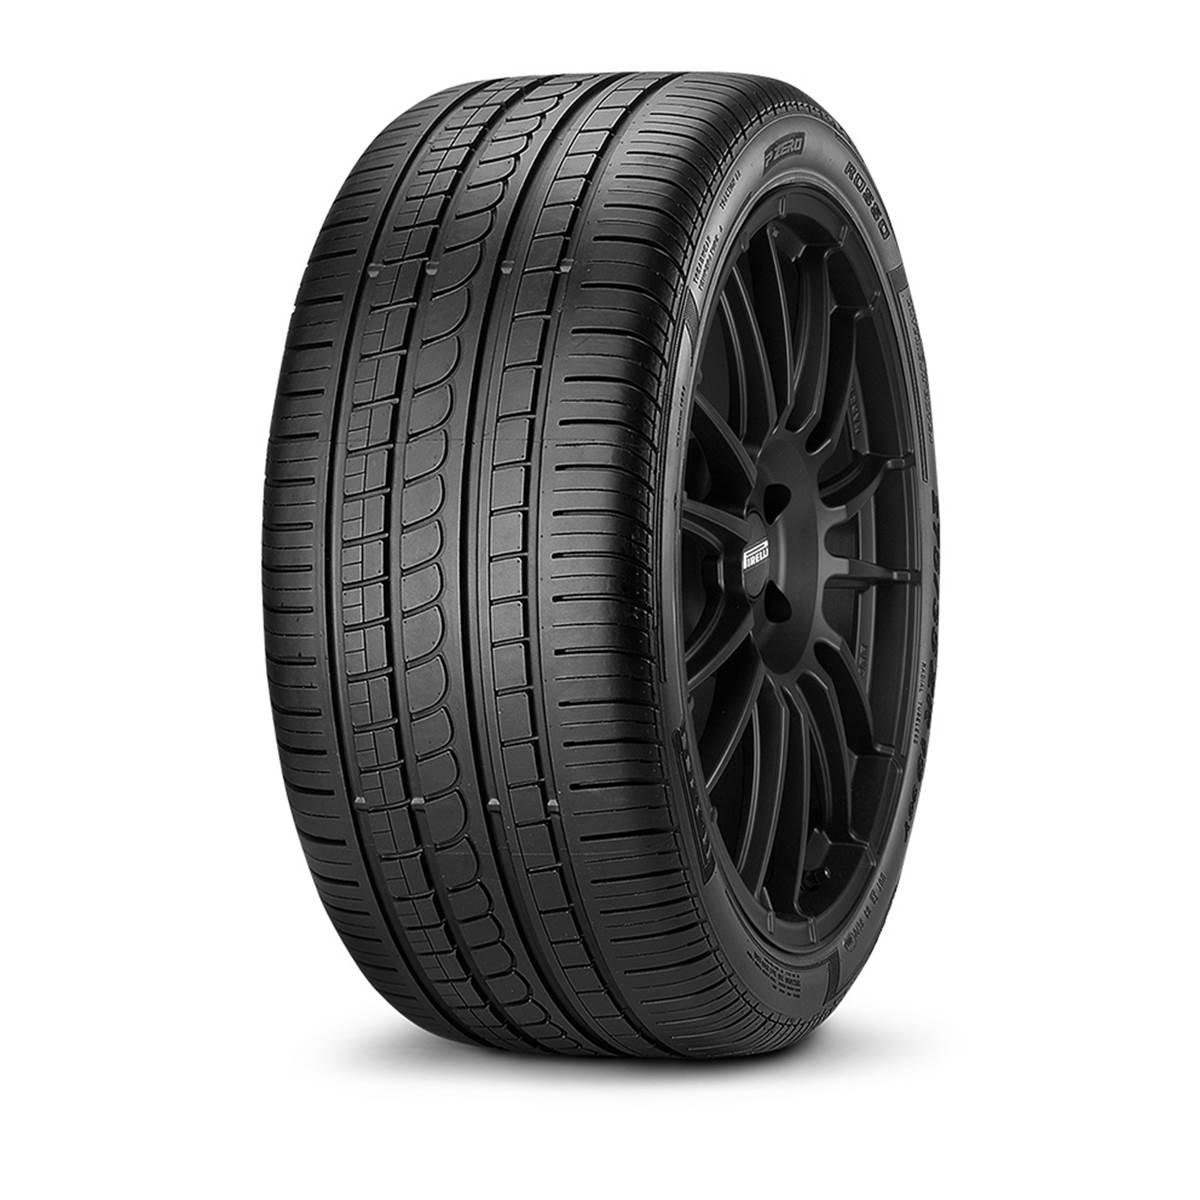 Pneu Pirelli 285/35R19 99Y Pzero Rosso